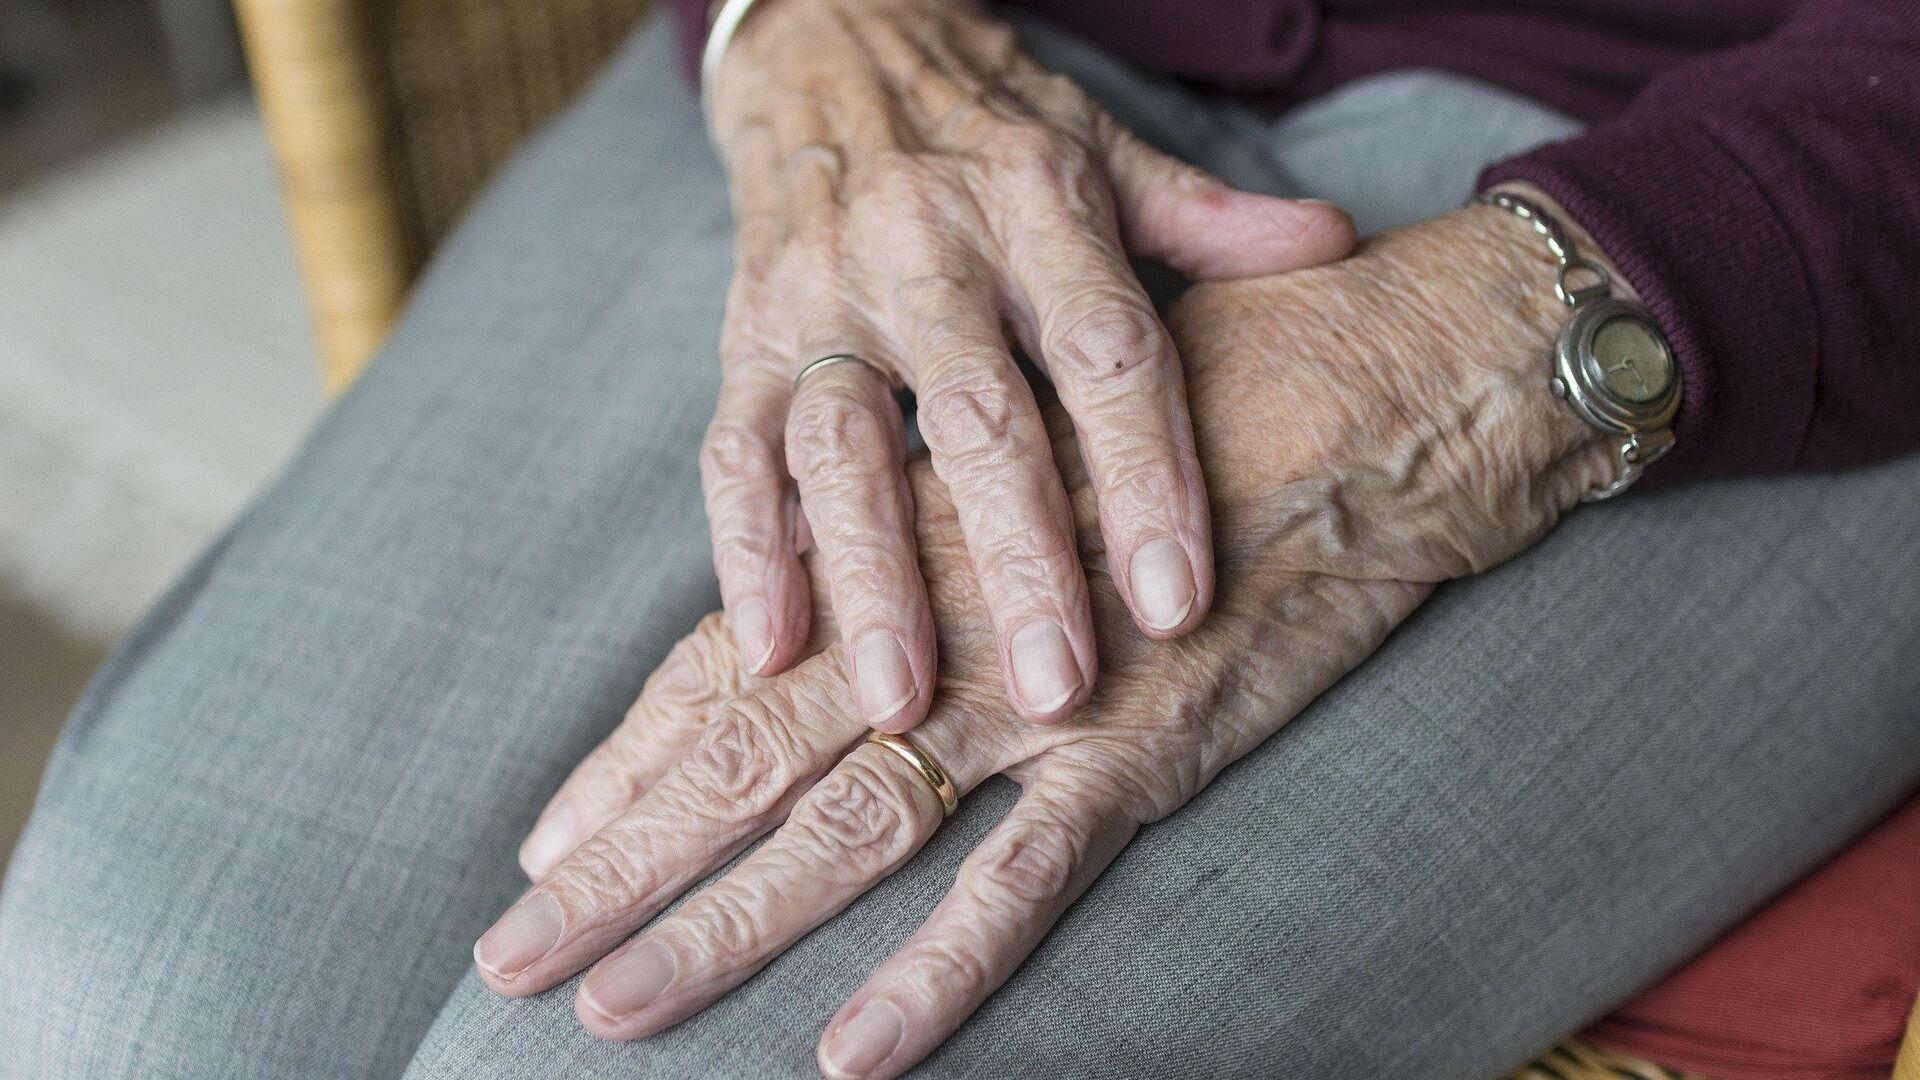 Las manos de una anciana (imagen referencial) - Sputnik Mundo, 1920, 02.04.2021